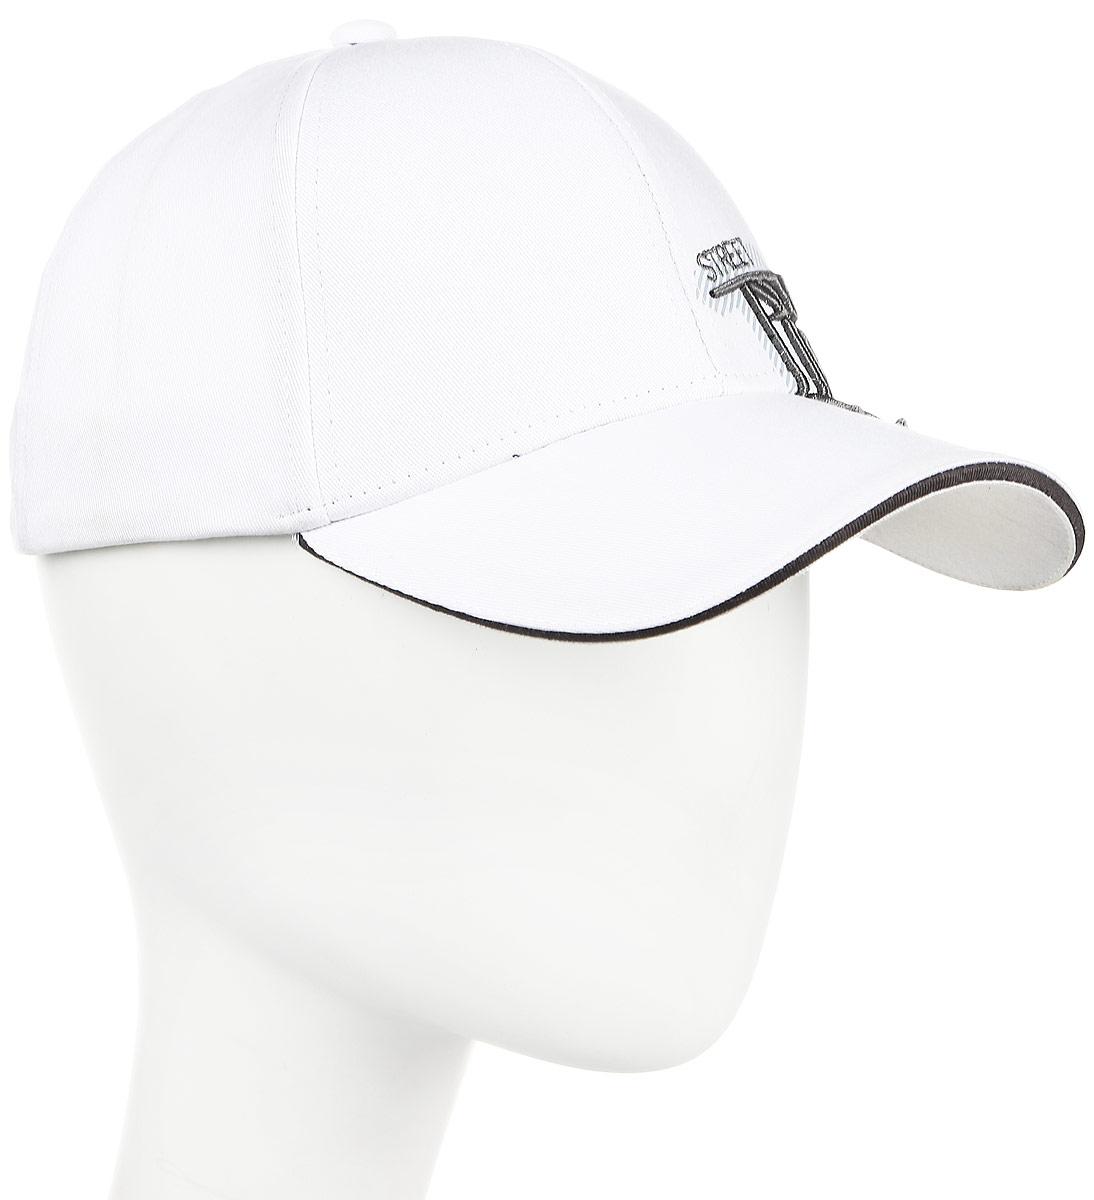 БейсболкаBY131050Модная, стильная молодежная бейсболка